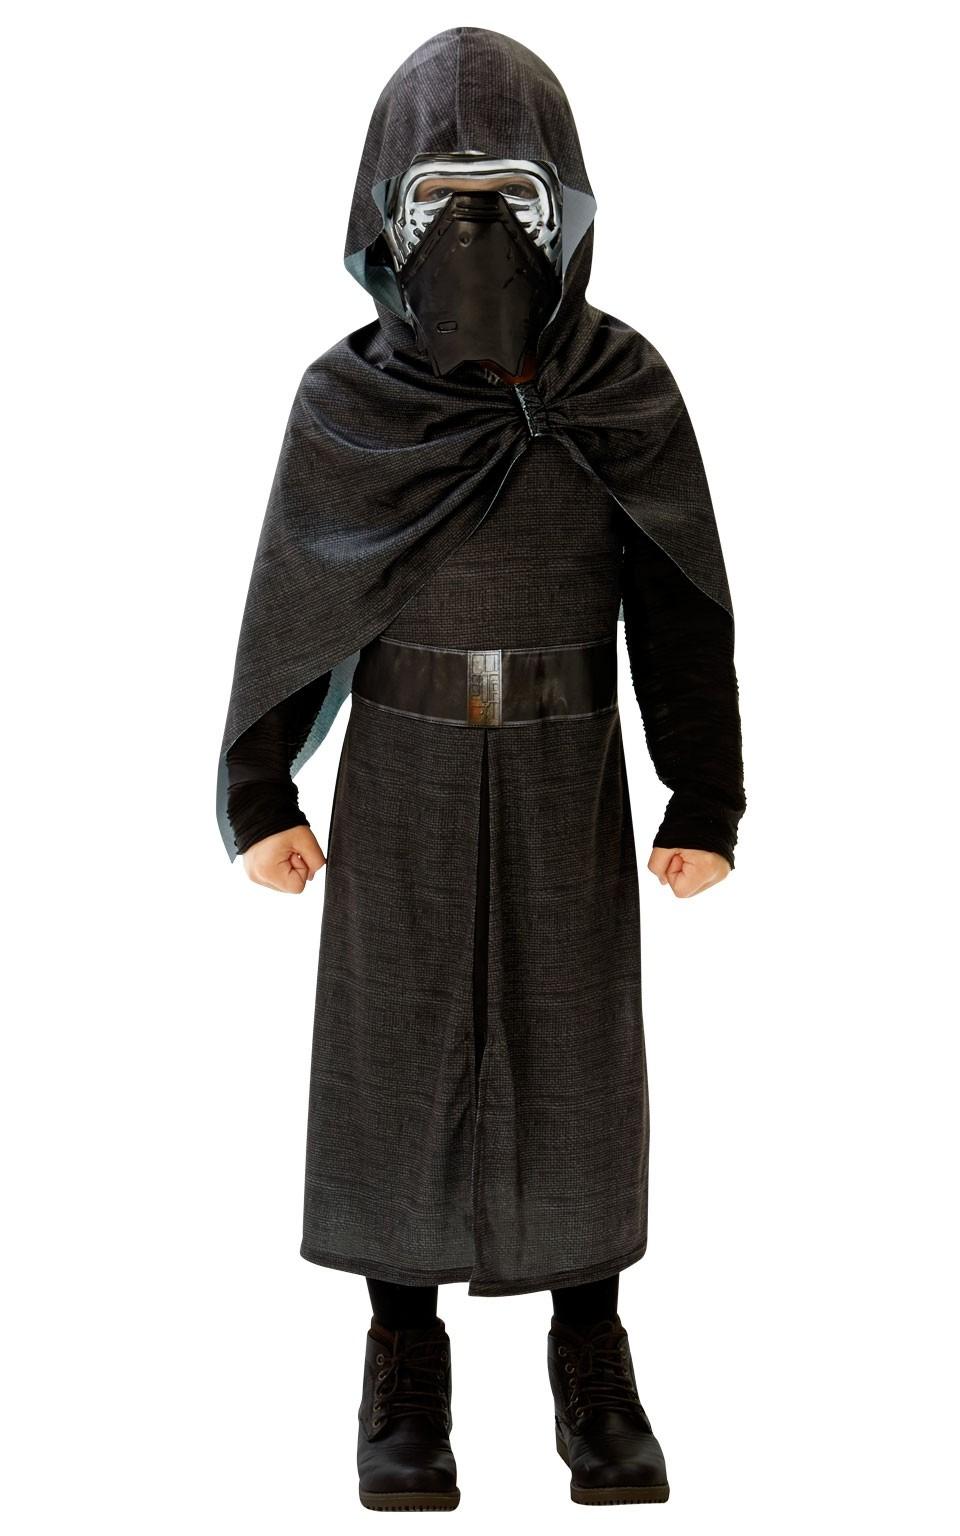 цены на Детский костюм Кайло Рена Dlx (30-32) в интернет-магазинах